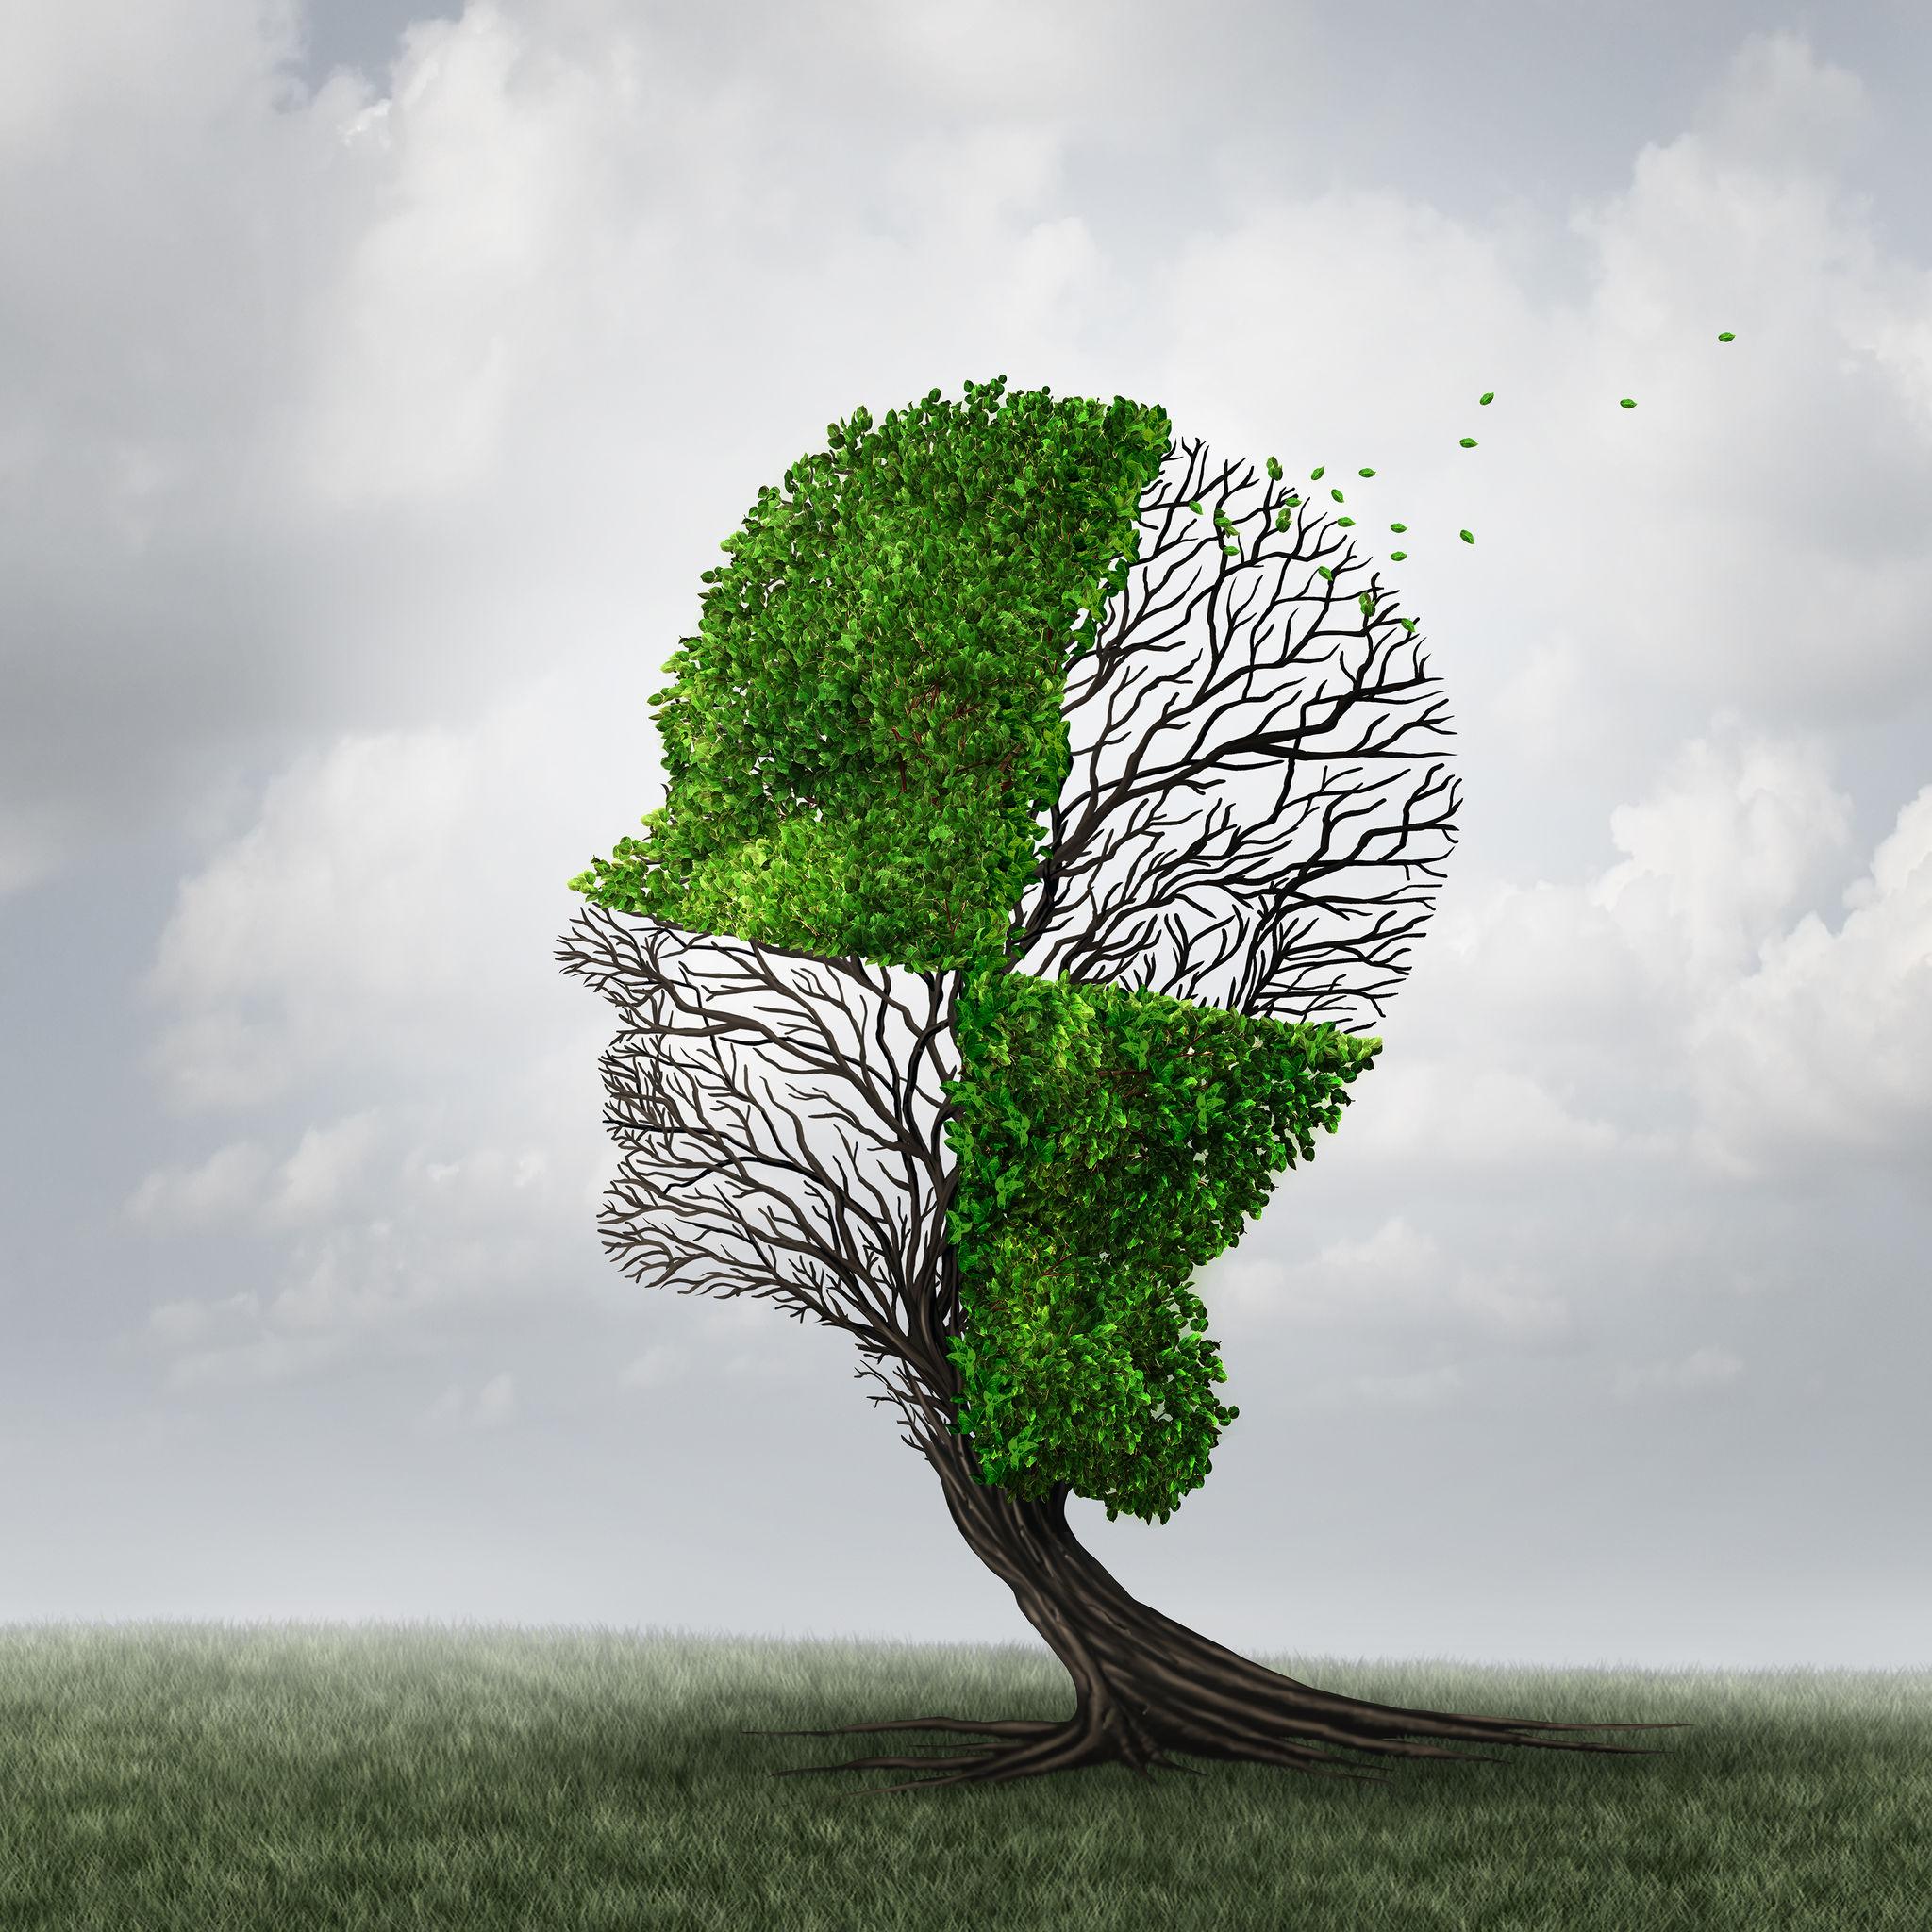 Fenomenologia procesu neurotycznego w ujęciu jungowskim